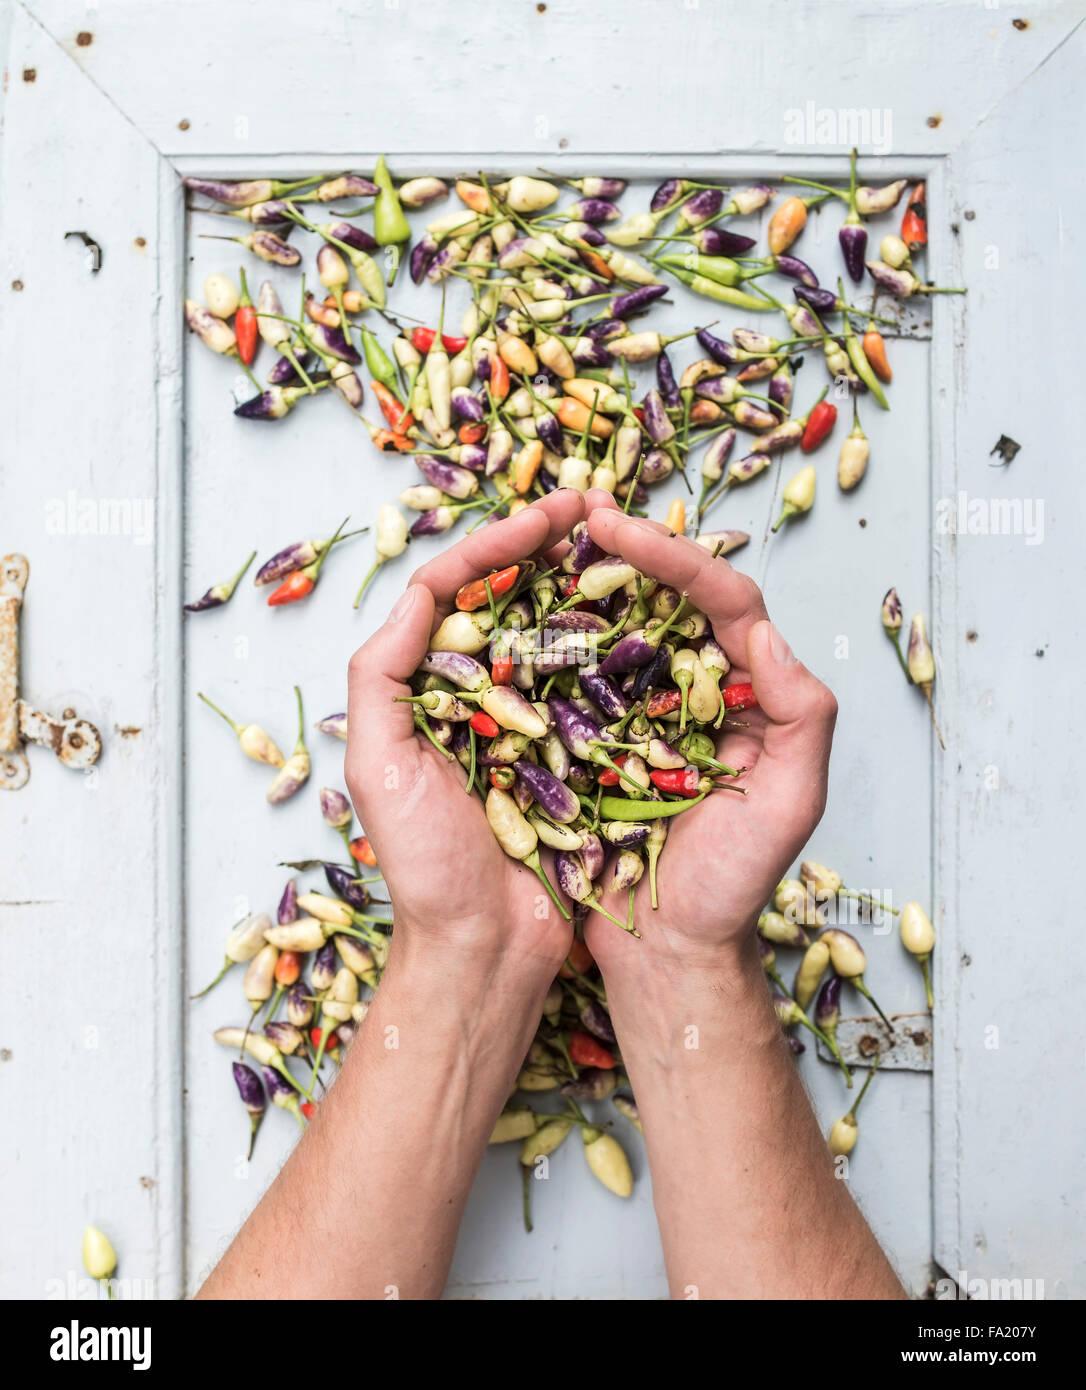 L'uomo le mani mantenendo la manciata di piccole turco Hot Chili Peppers, vista dall'alto Immagini Stock